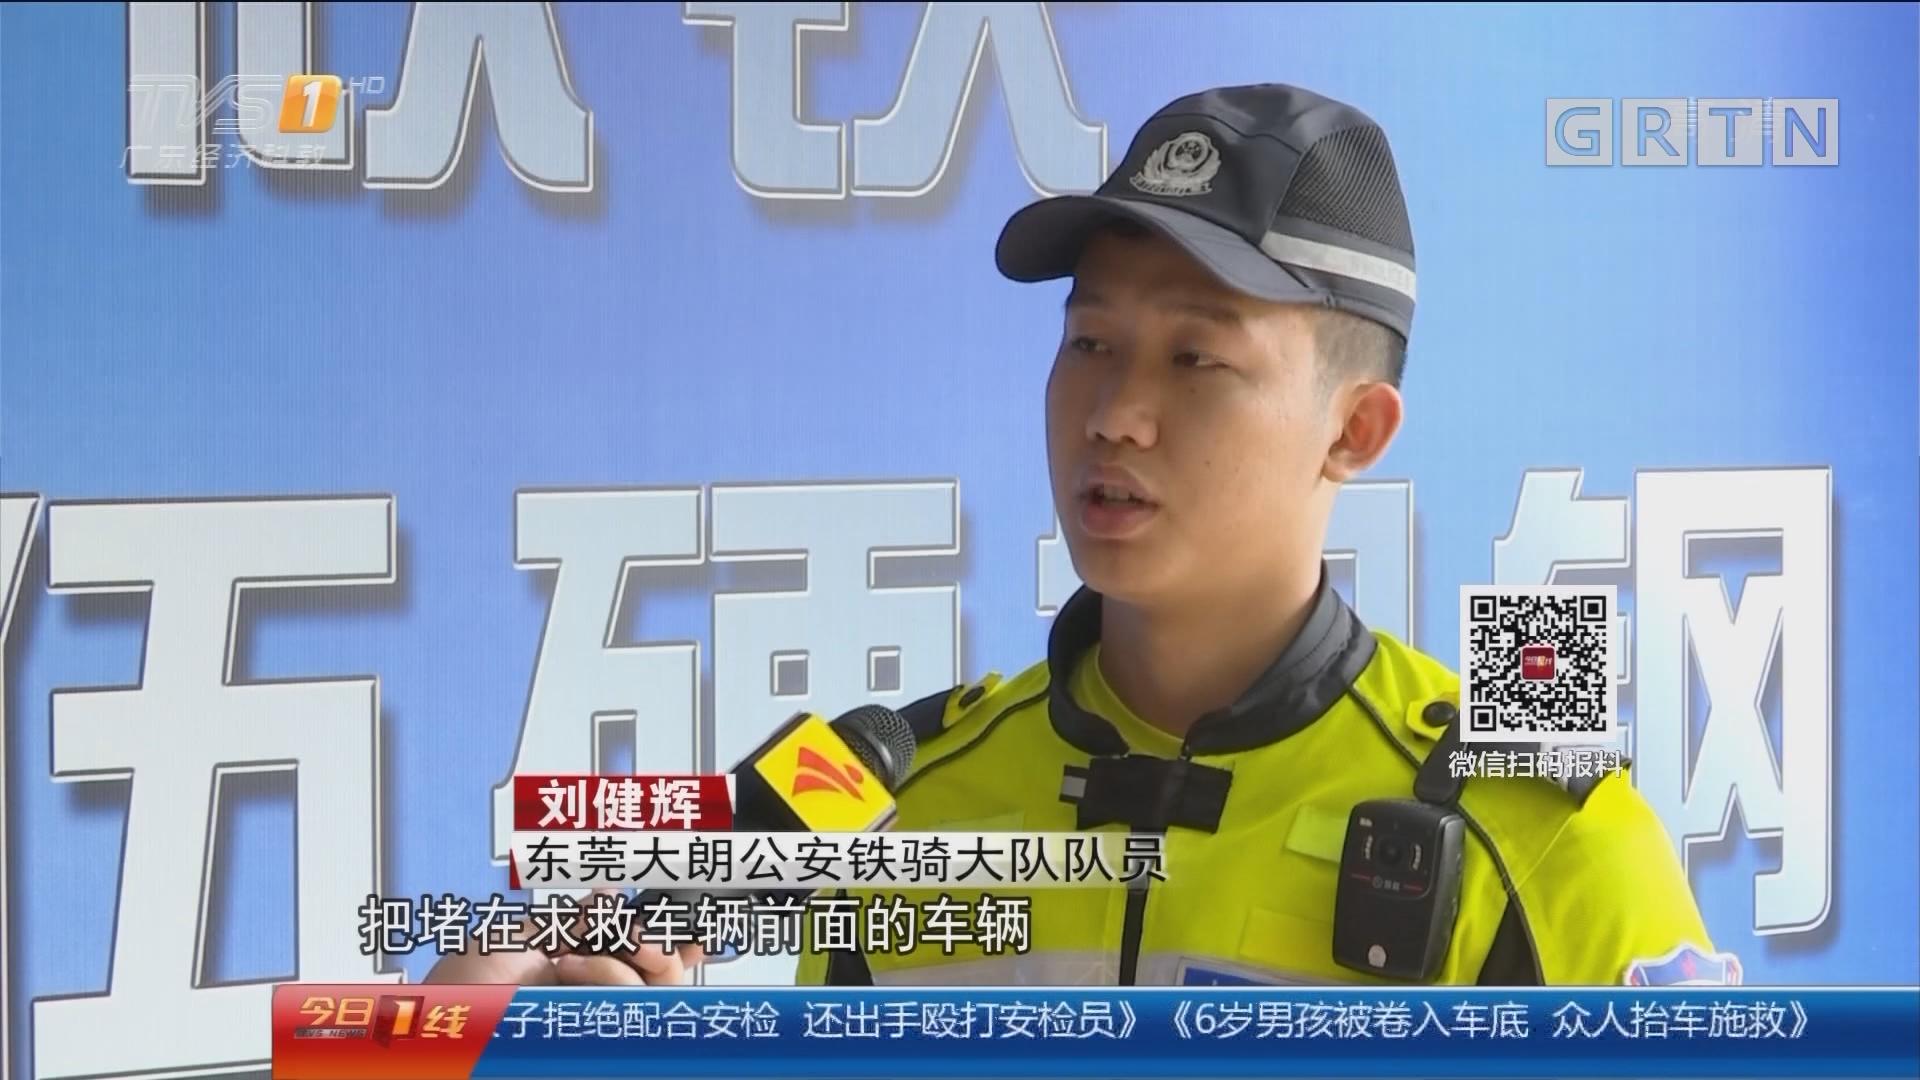 """东莞大朗:孕妇急病被堵半路 """"铁骑""""开路紧急送医"""